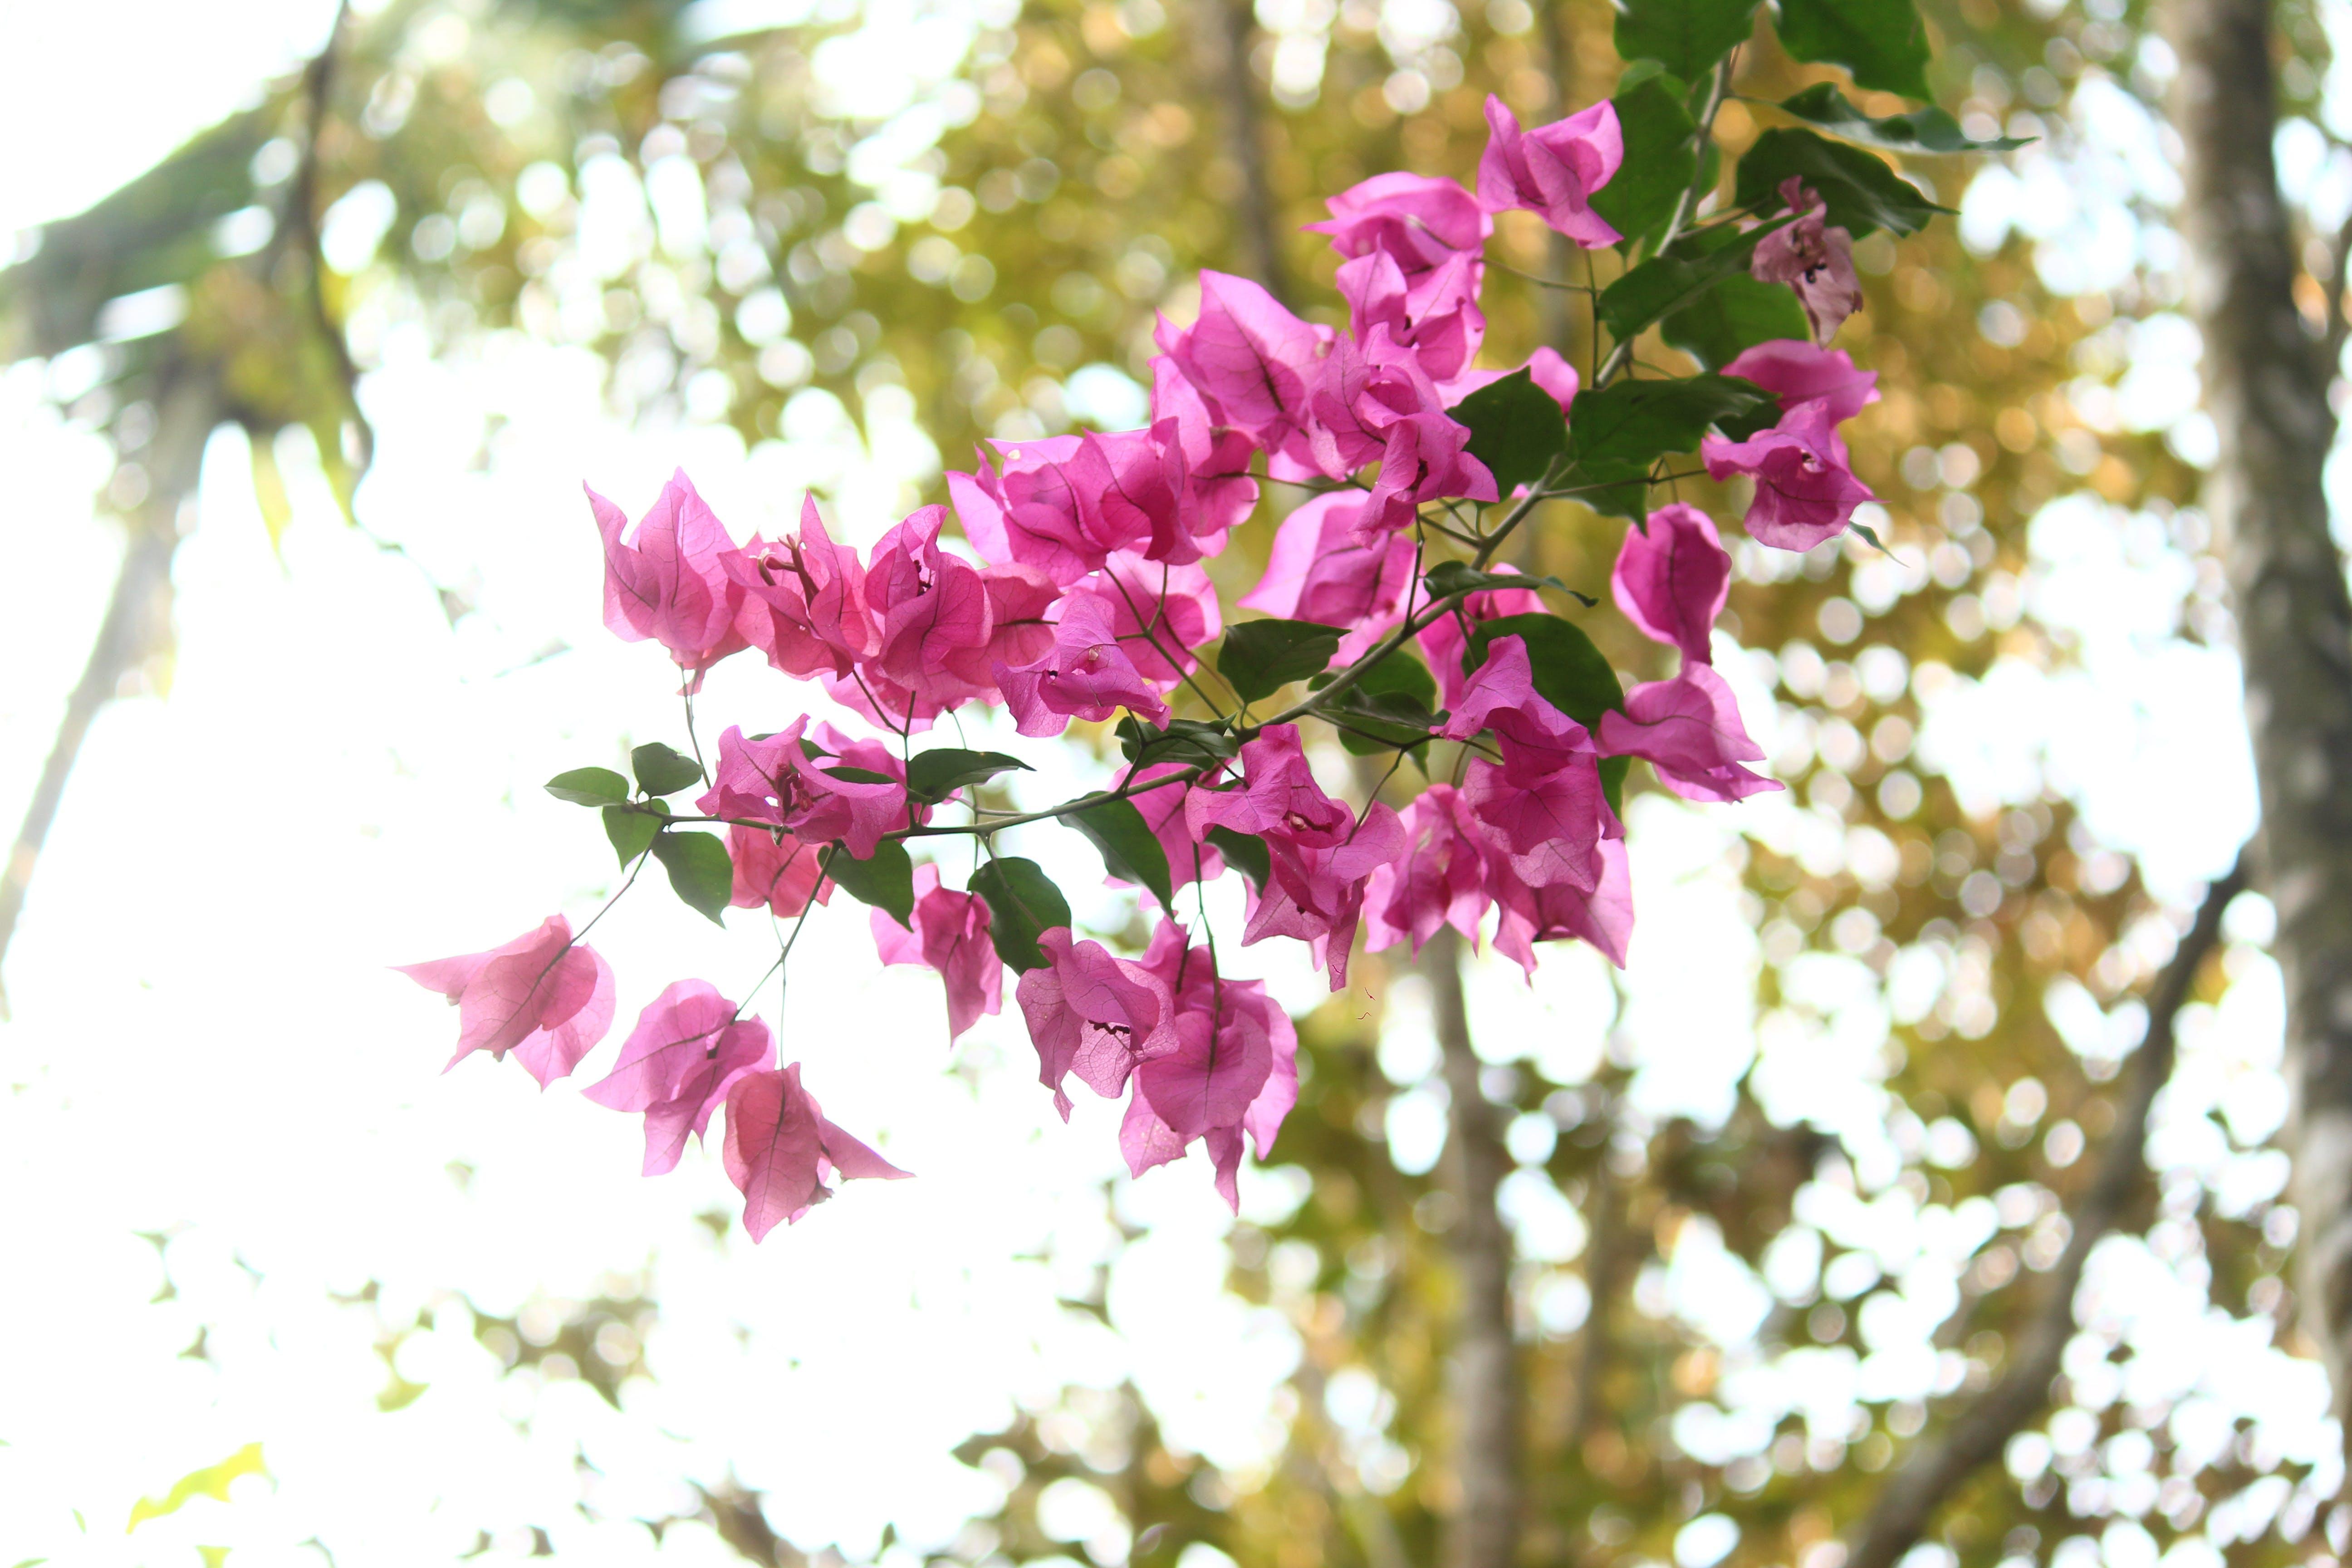 คลังภาพถ่ายฟรี ของ กิ่ง, ดอกไม้, ดอกไม้สวย, ธรรมชาติ